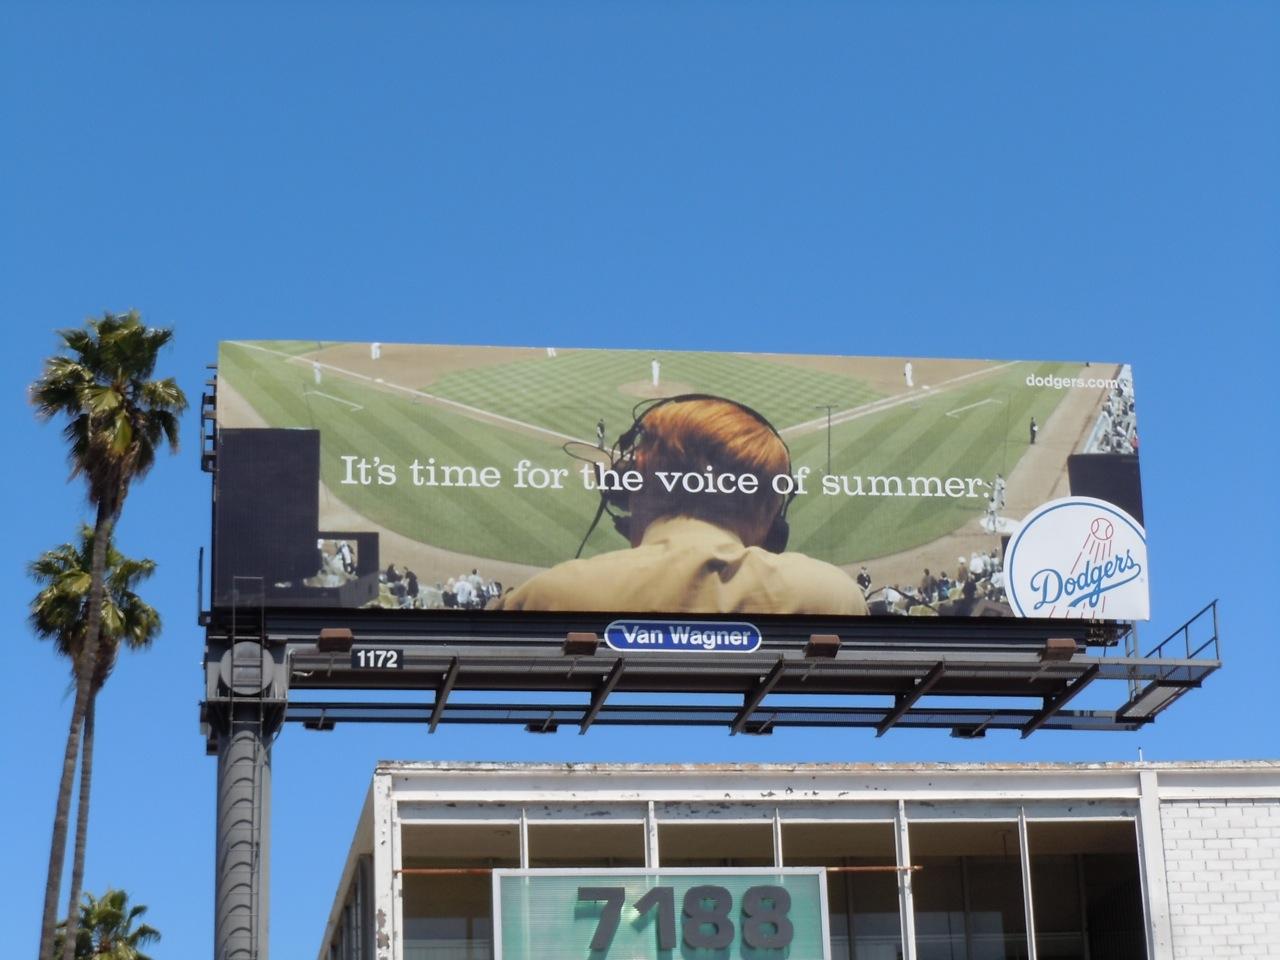 Dodgers-VoiceofSummer-billboard